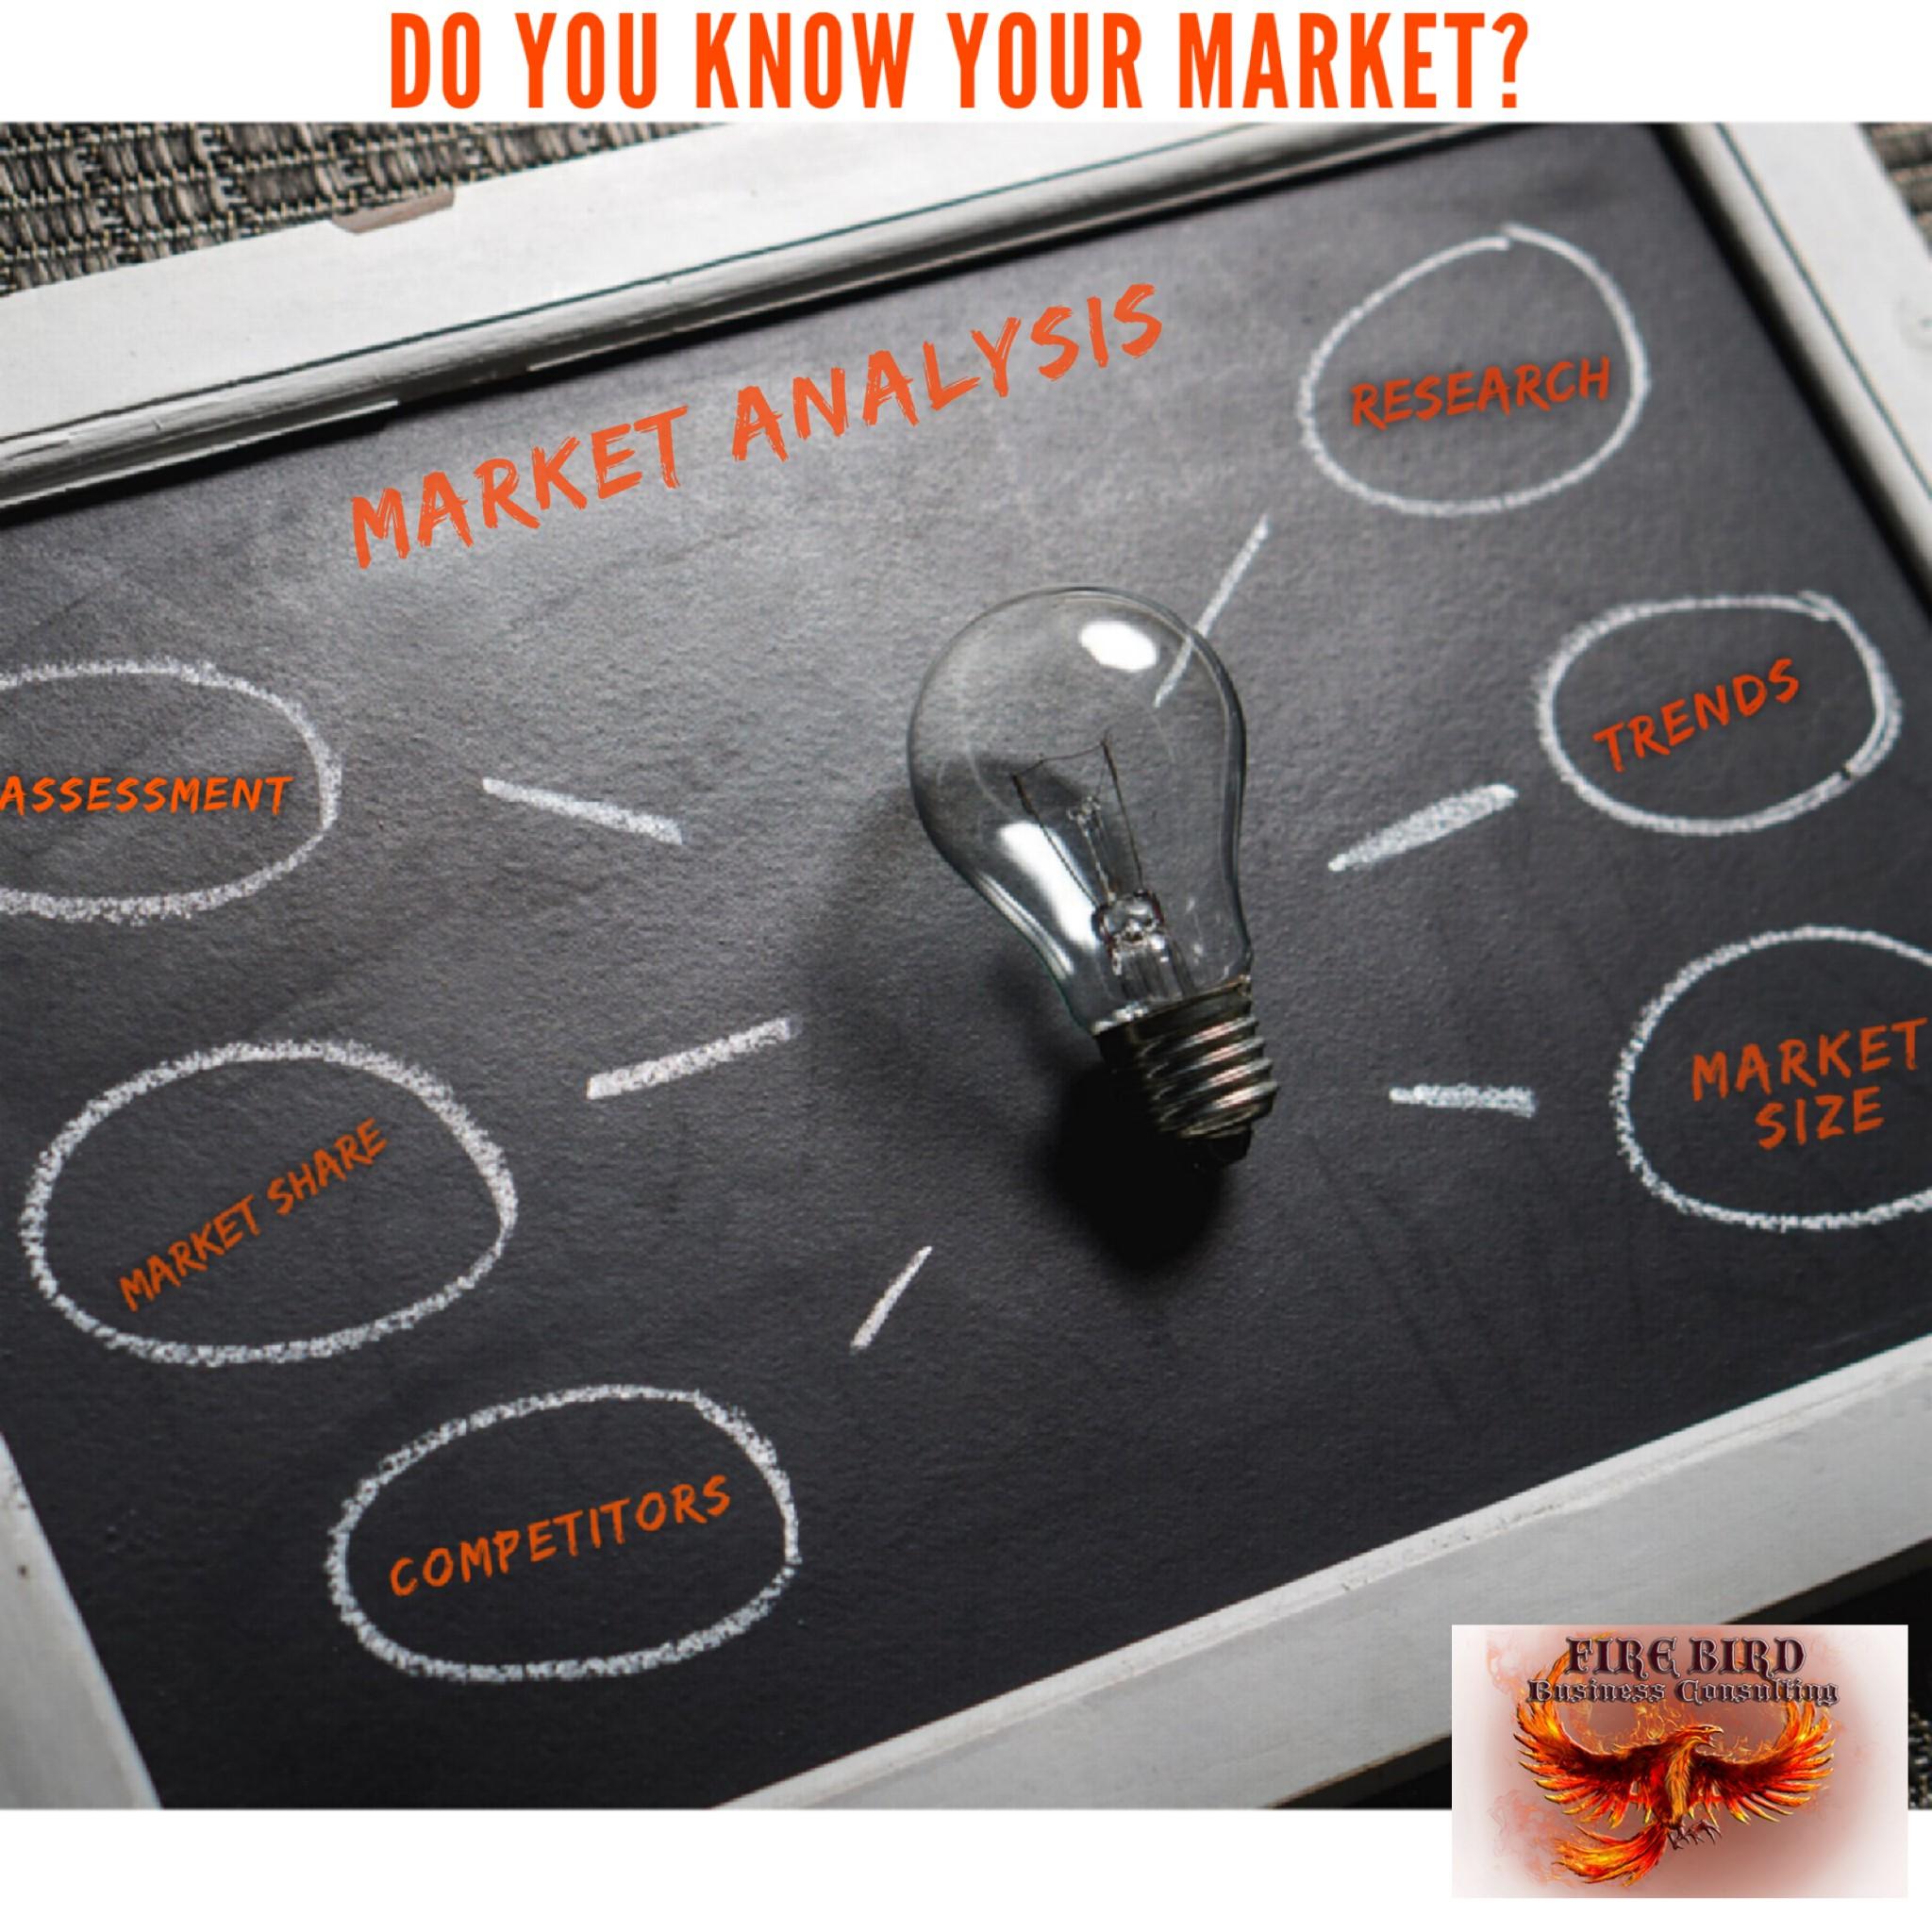 Market Analysis – Market Assessment – Firebird Business Consulting Ltd. – Saskatoon – Saskatchewan